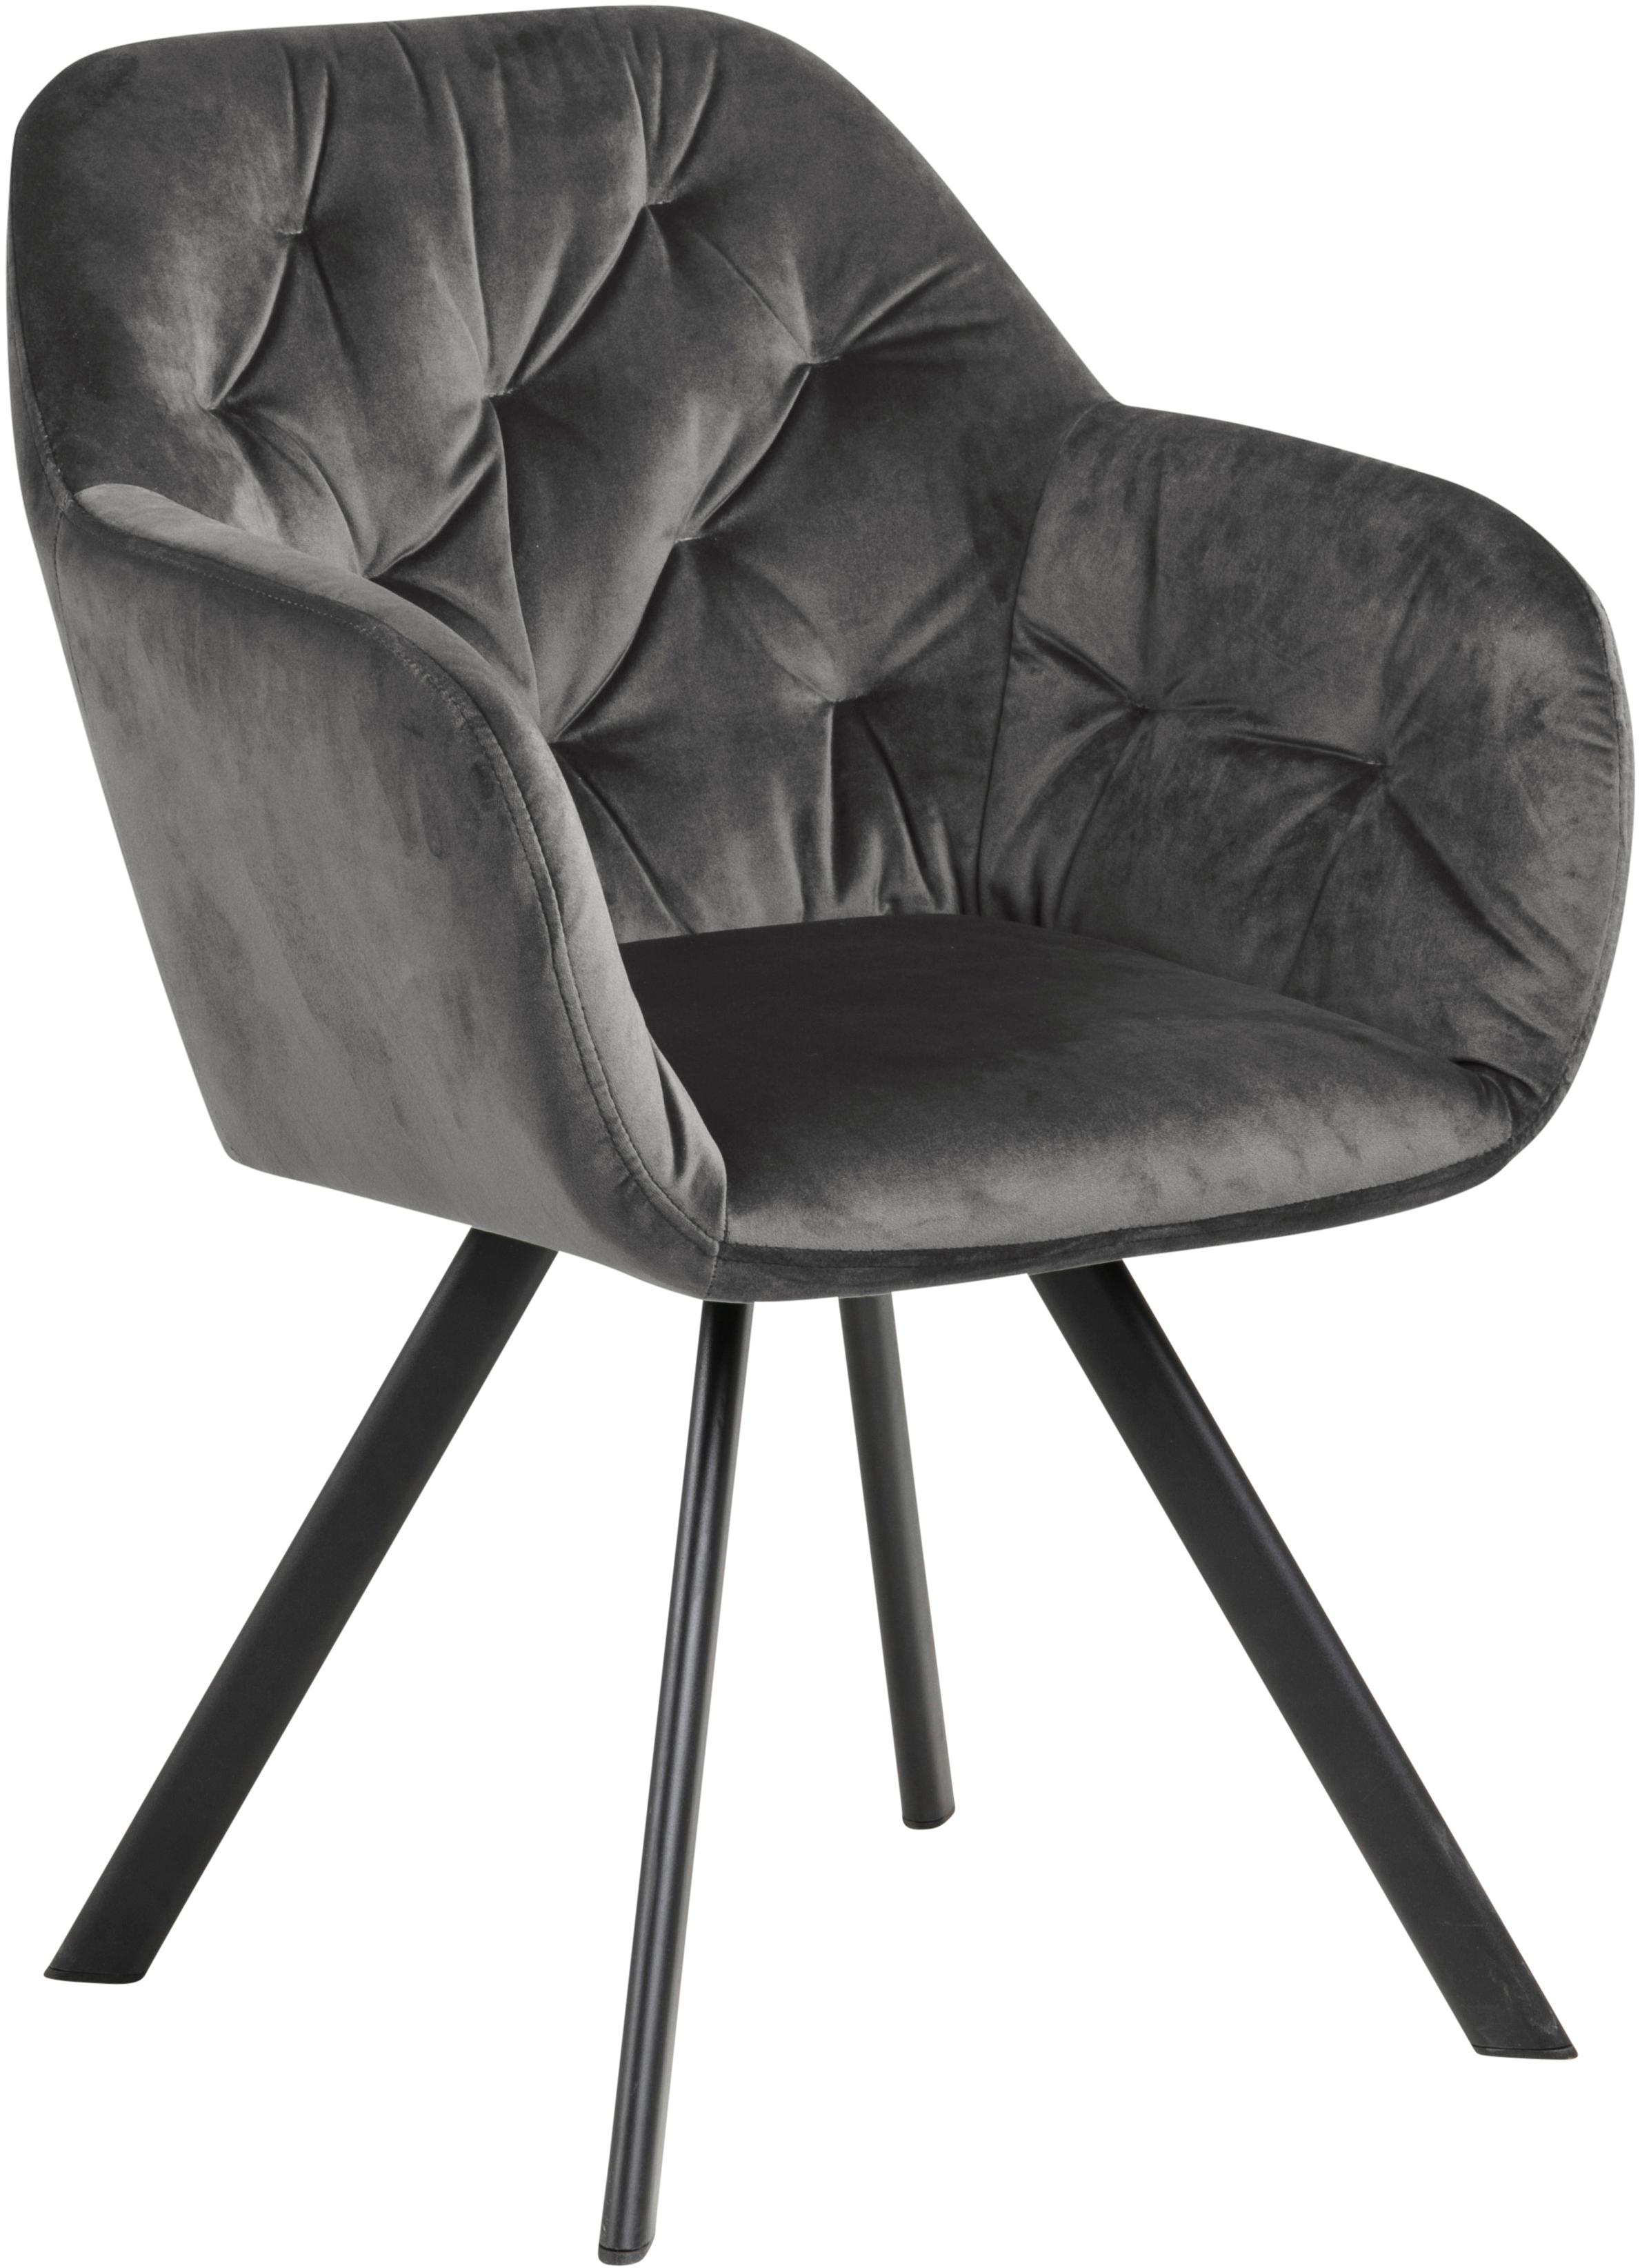 Fluwelen armstoel Lola, Bekleding: polyester fluweel De bekl, Poten: gepoedercoat metaalkleuri, Donkergrijs, zwart, B 58 x D 62 cm